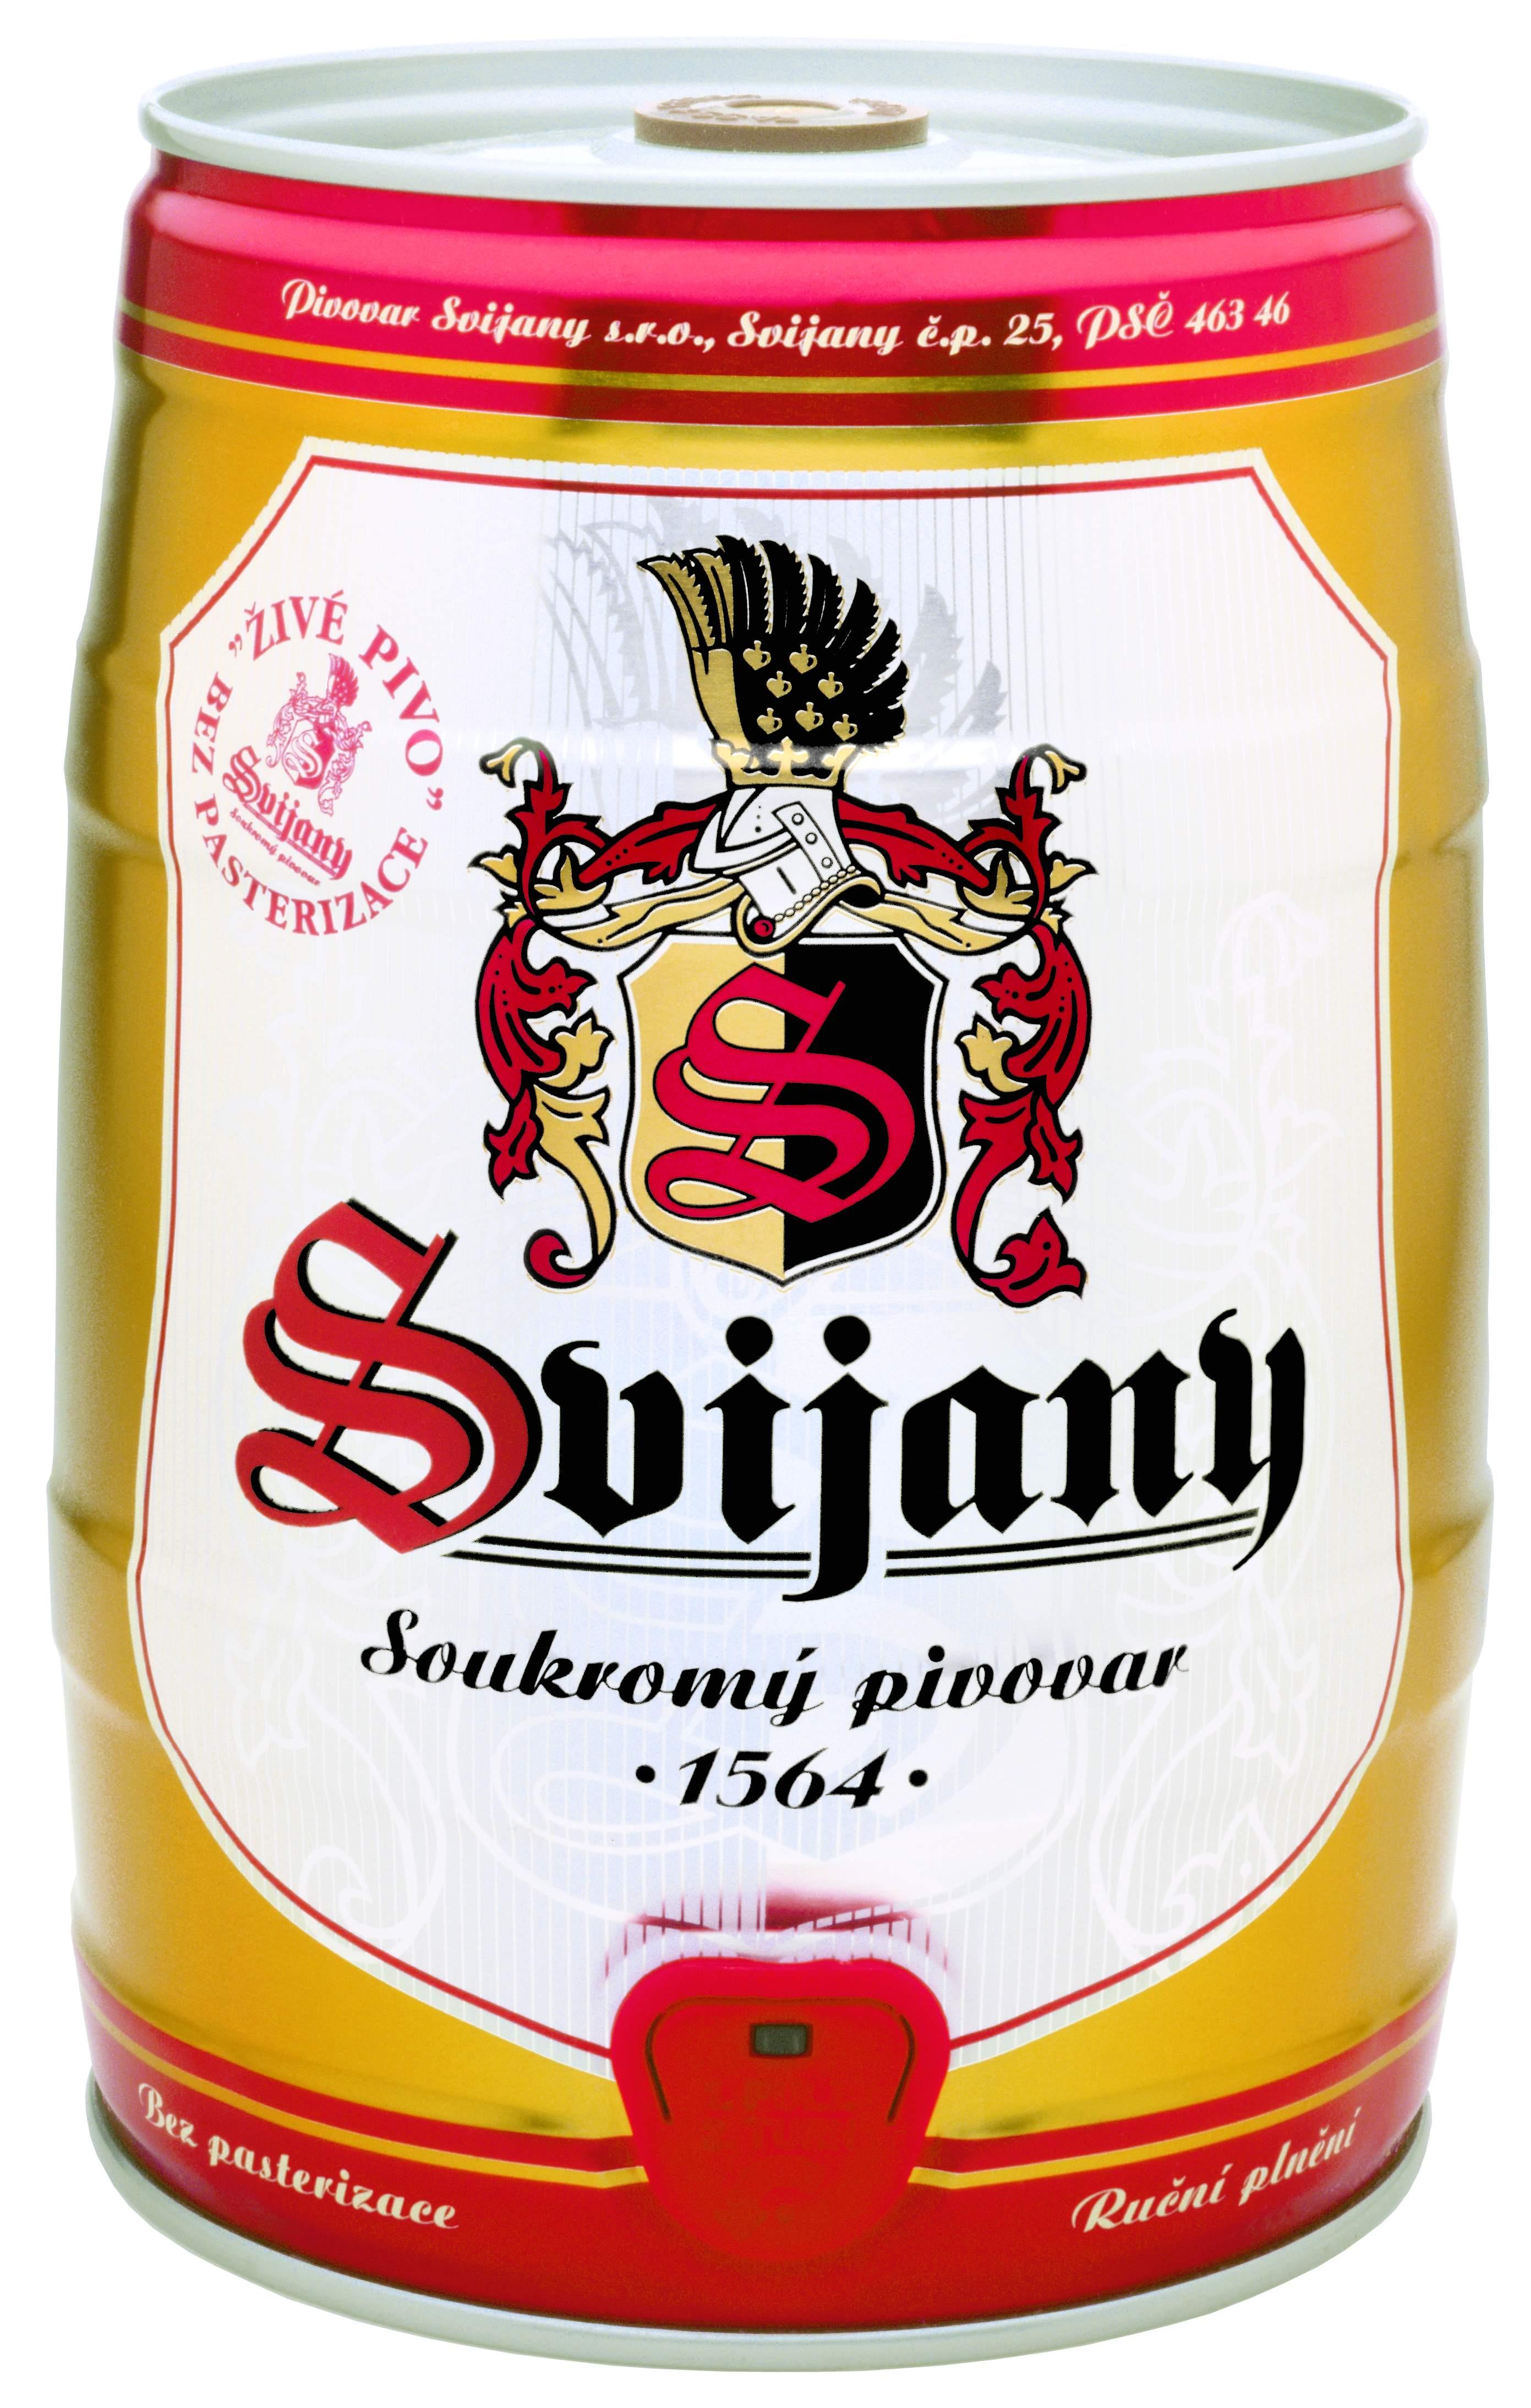 Pivo z Pivovaru Svijany, a.s., obrázek se otevře v novém okně